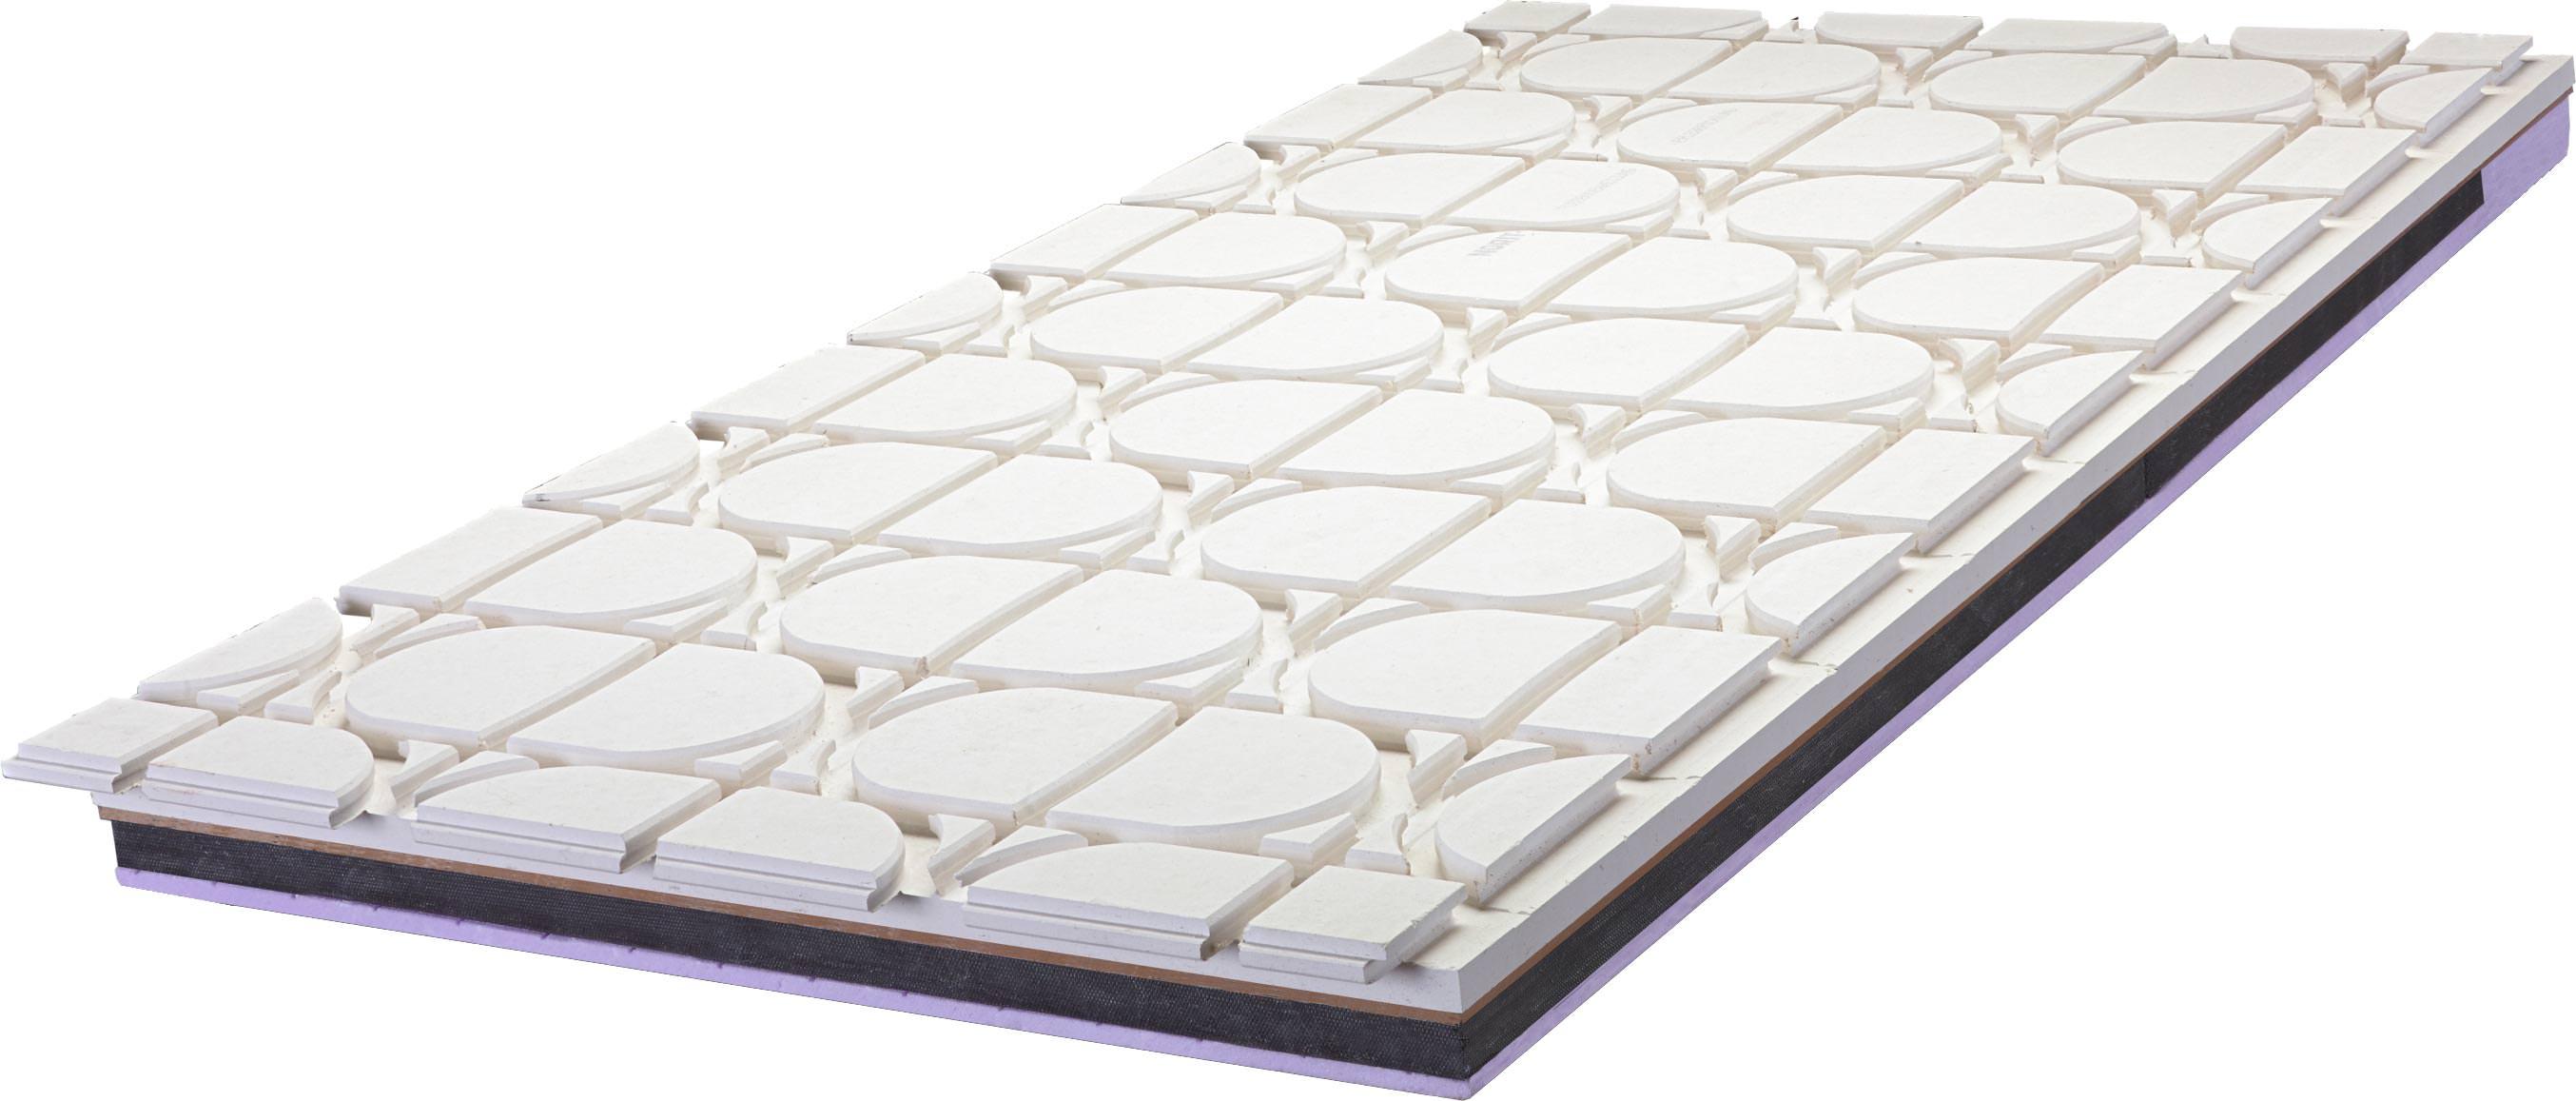 schlanke fu bodensysteme mit integrierter vakuumd mmung vip. Black Bedroom Furniture Sets. Home Design Ideas